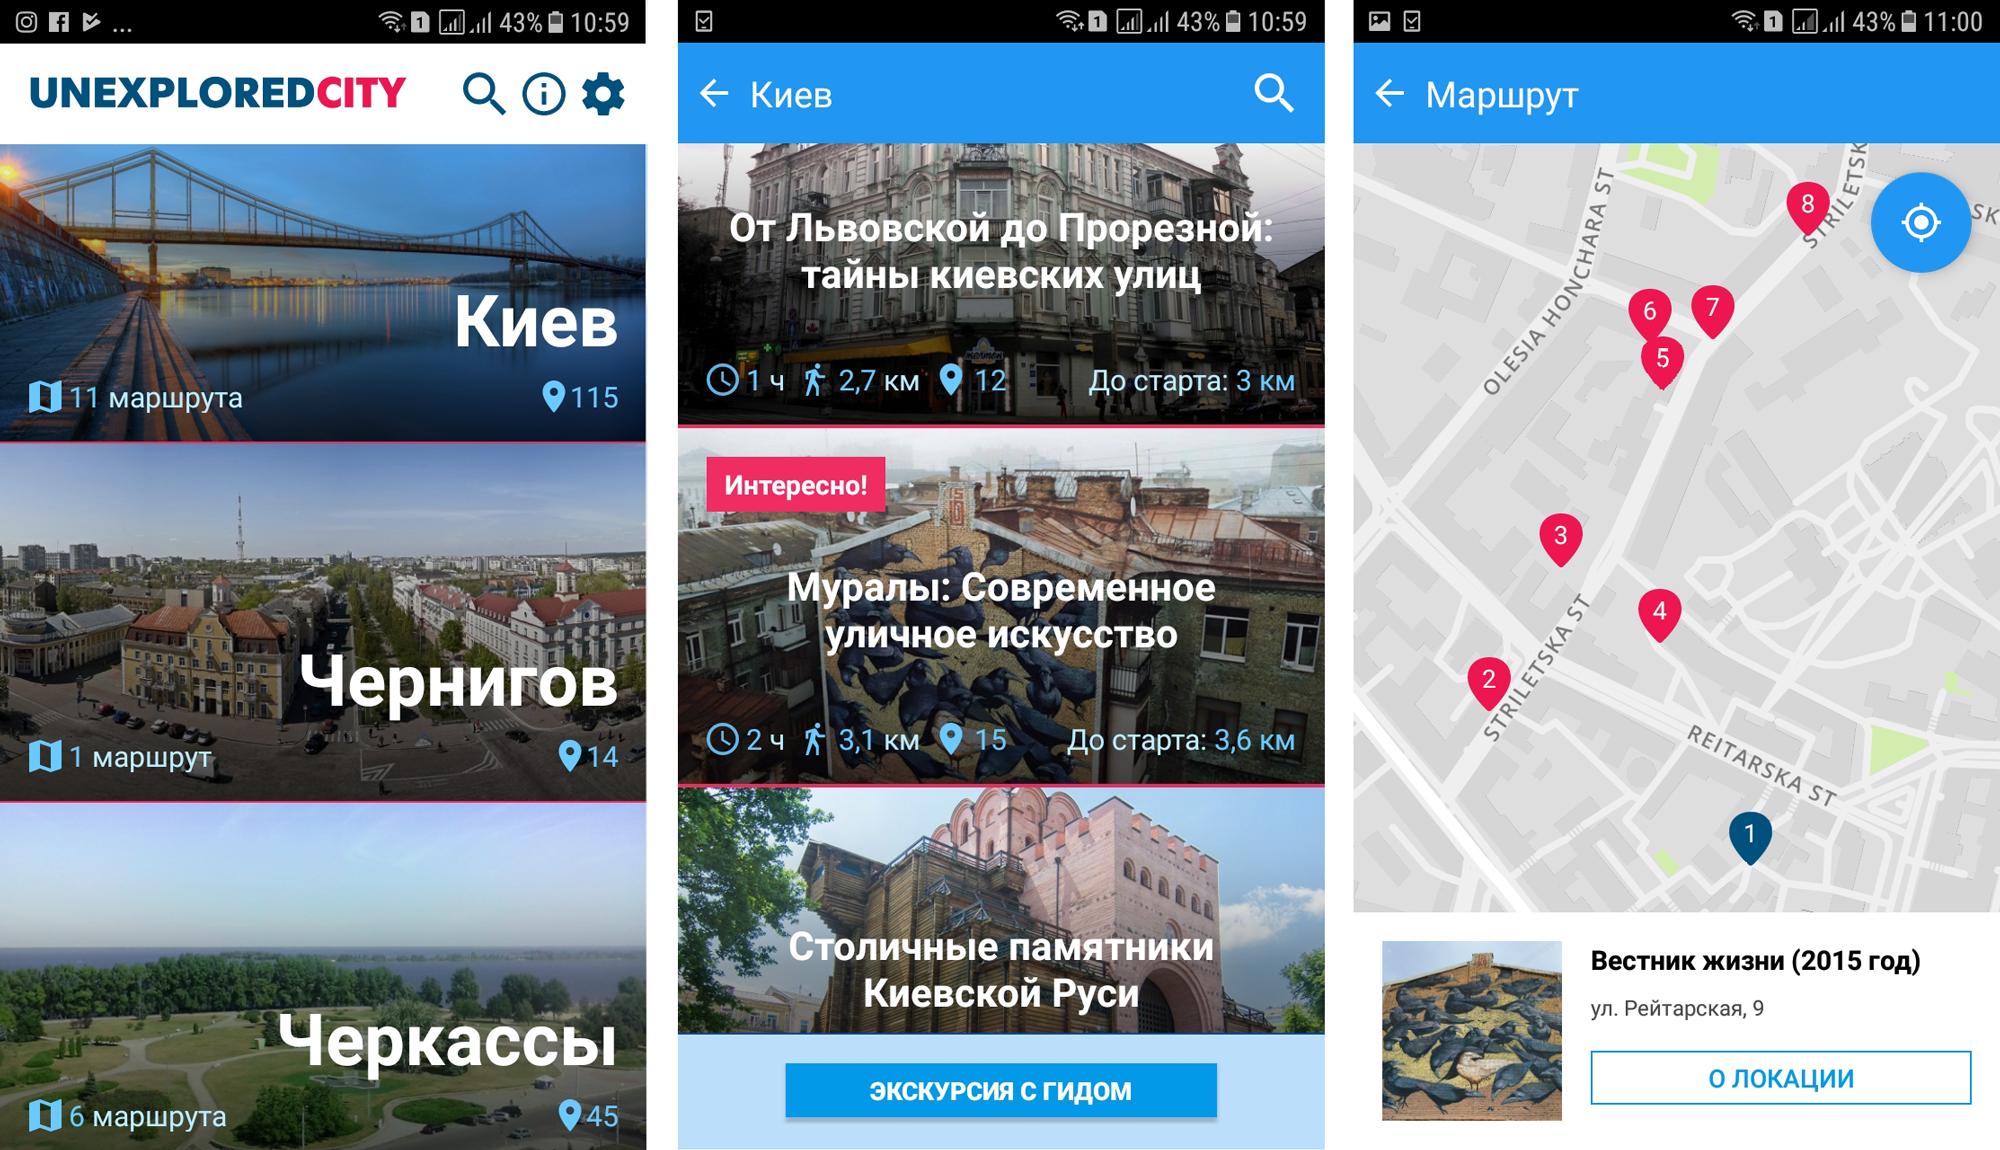 Екскурсовод у смартфоні. Як легко спланувати подорож Україною, автор Анджела Затаверн | Kyivstar Business Hub, зображення №2